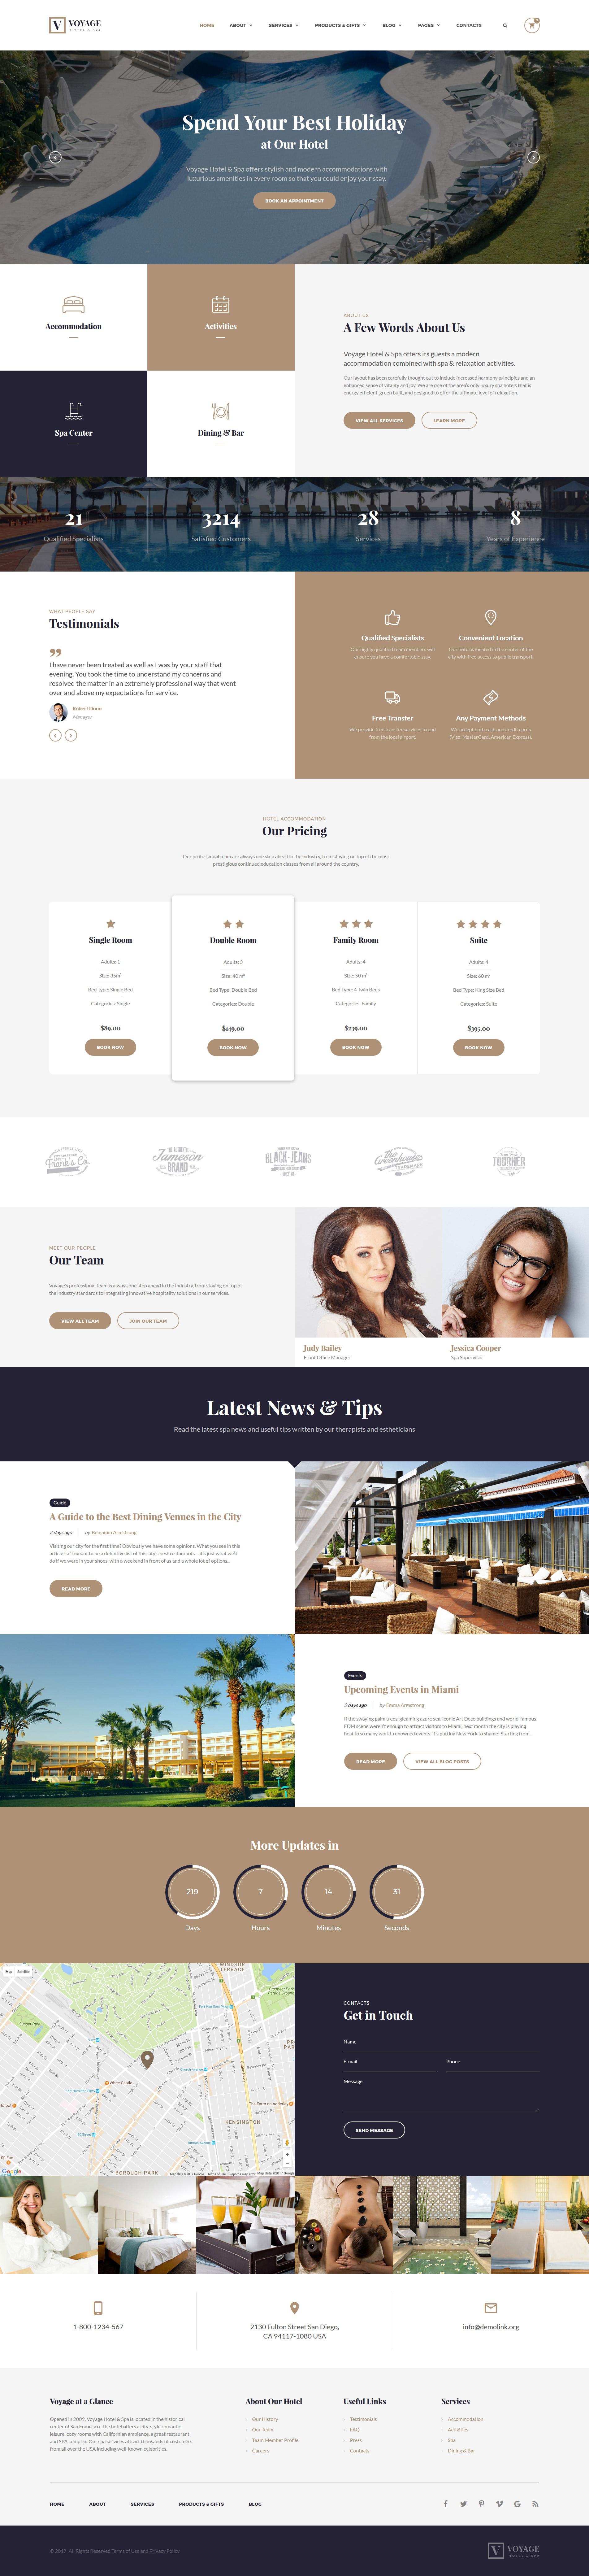 Modèle Web adaptatif pour site d'hôtel #55353 - screenshot